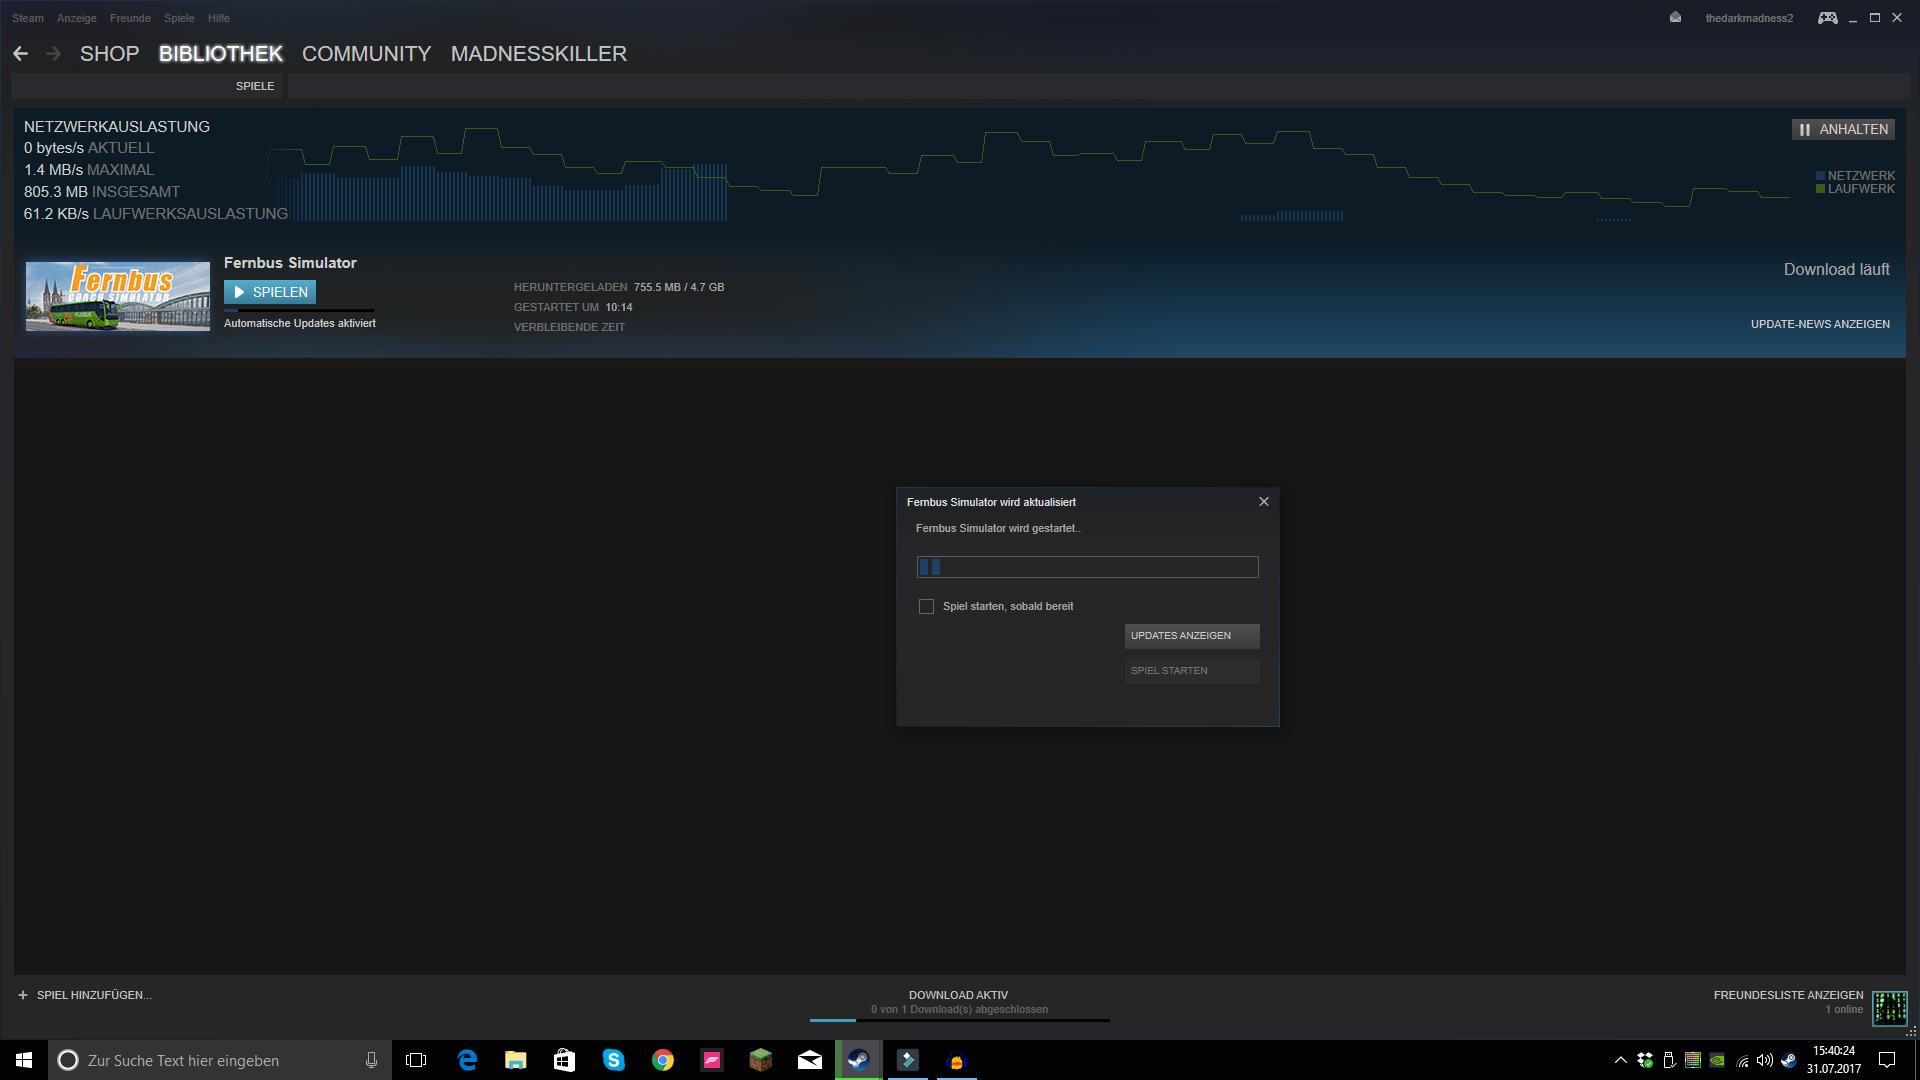 Steam Profilbild Herunterladen